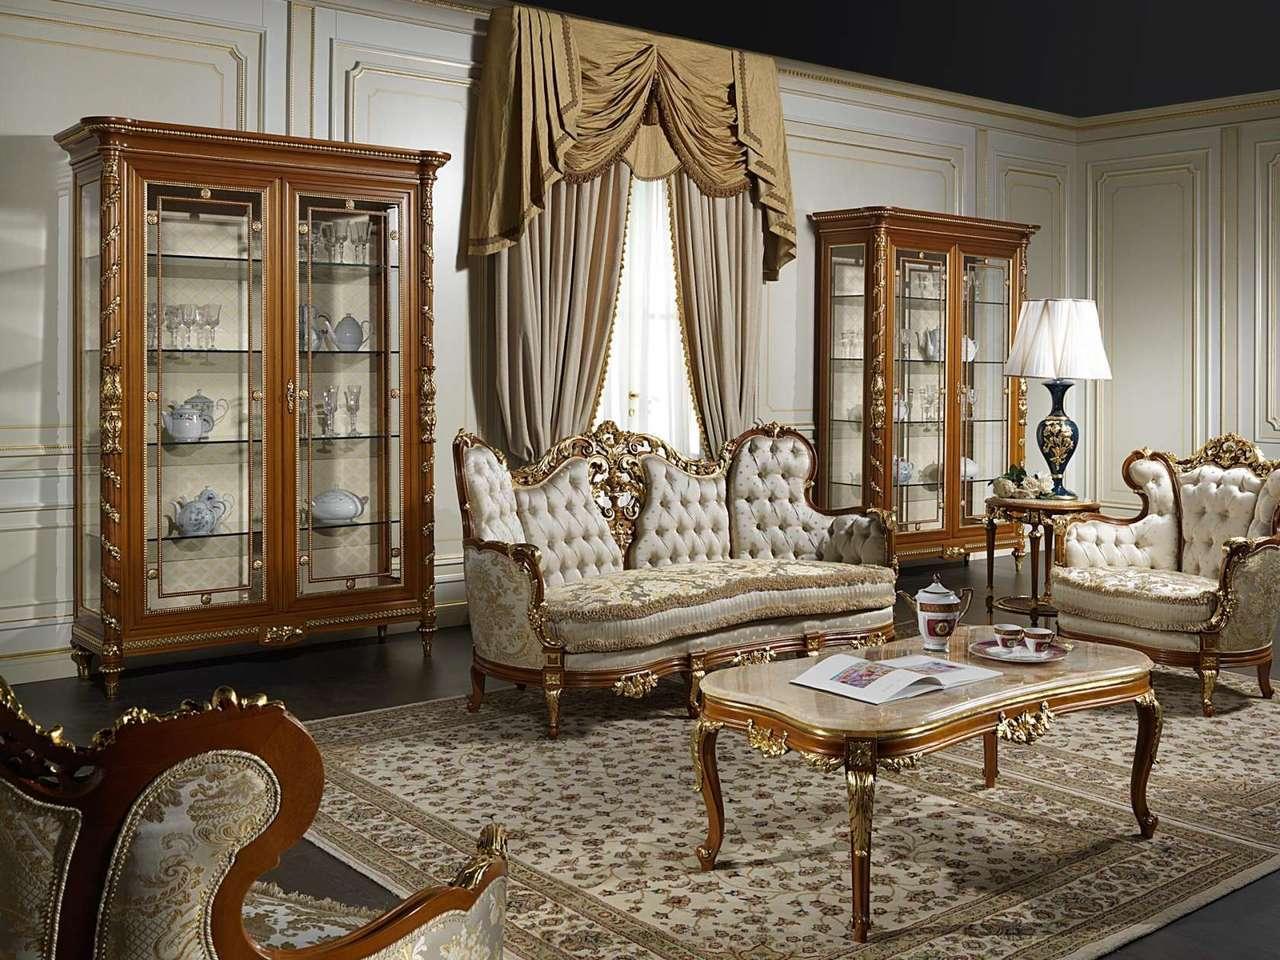 مبلمان سلطنتی با پرده های ست طلایی کرم بوفه و ویترین سلطنتی چوبی